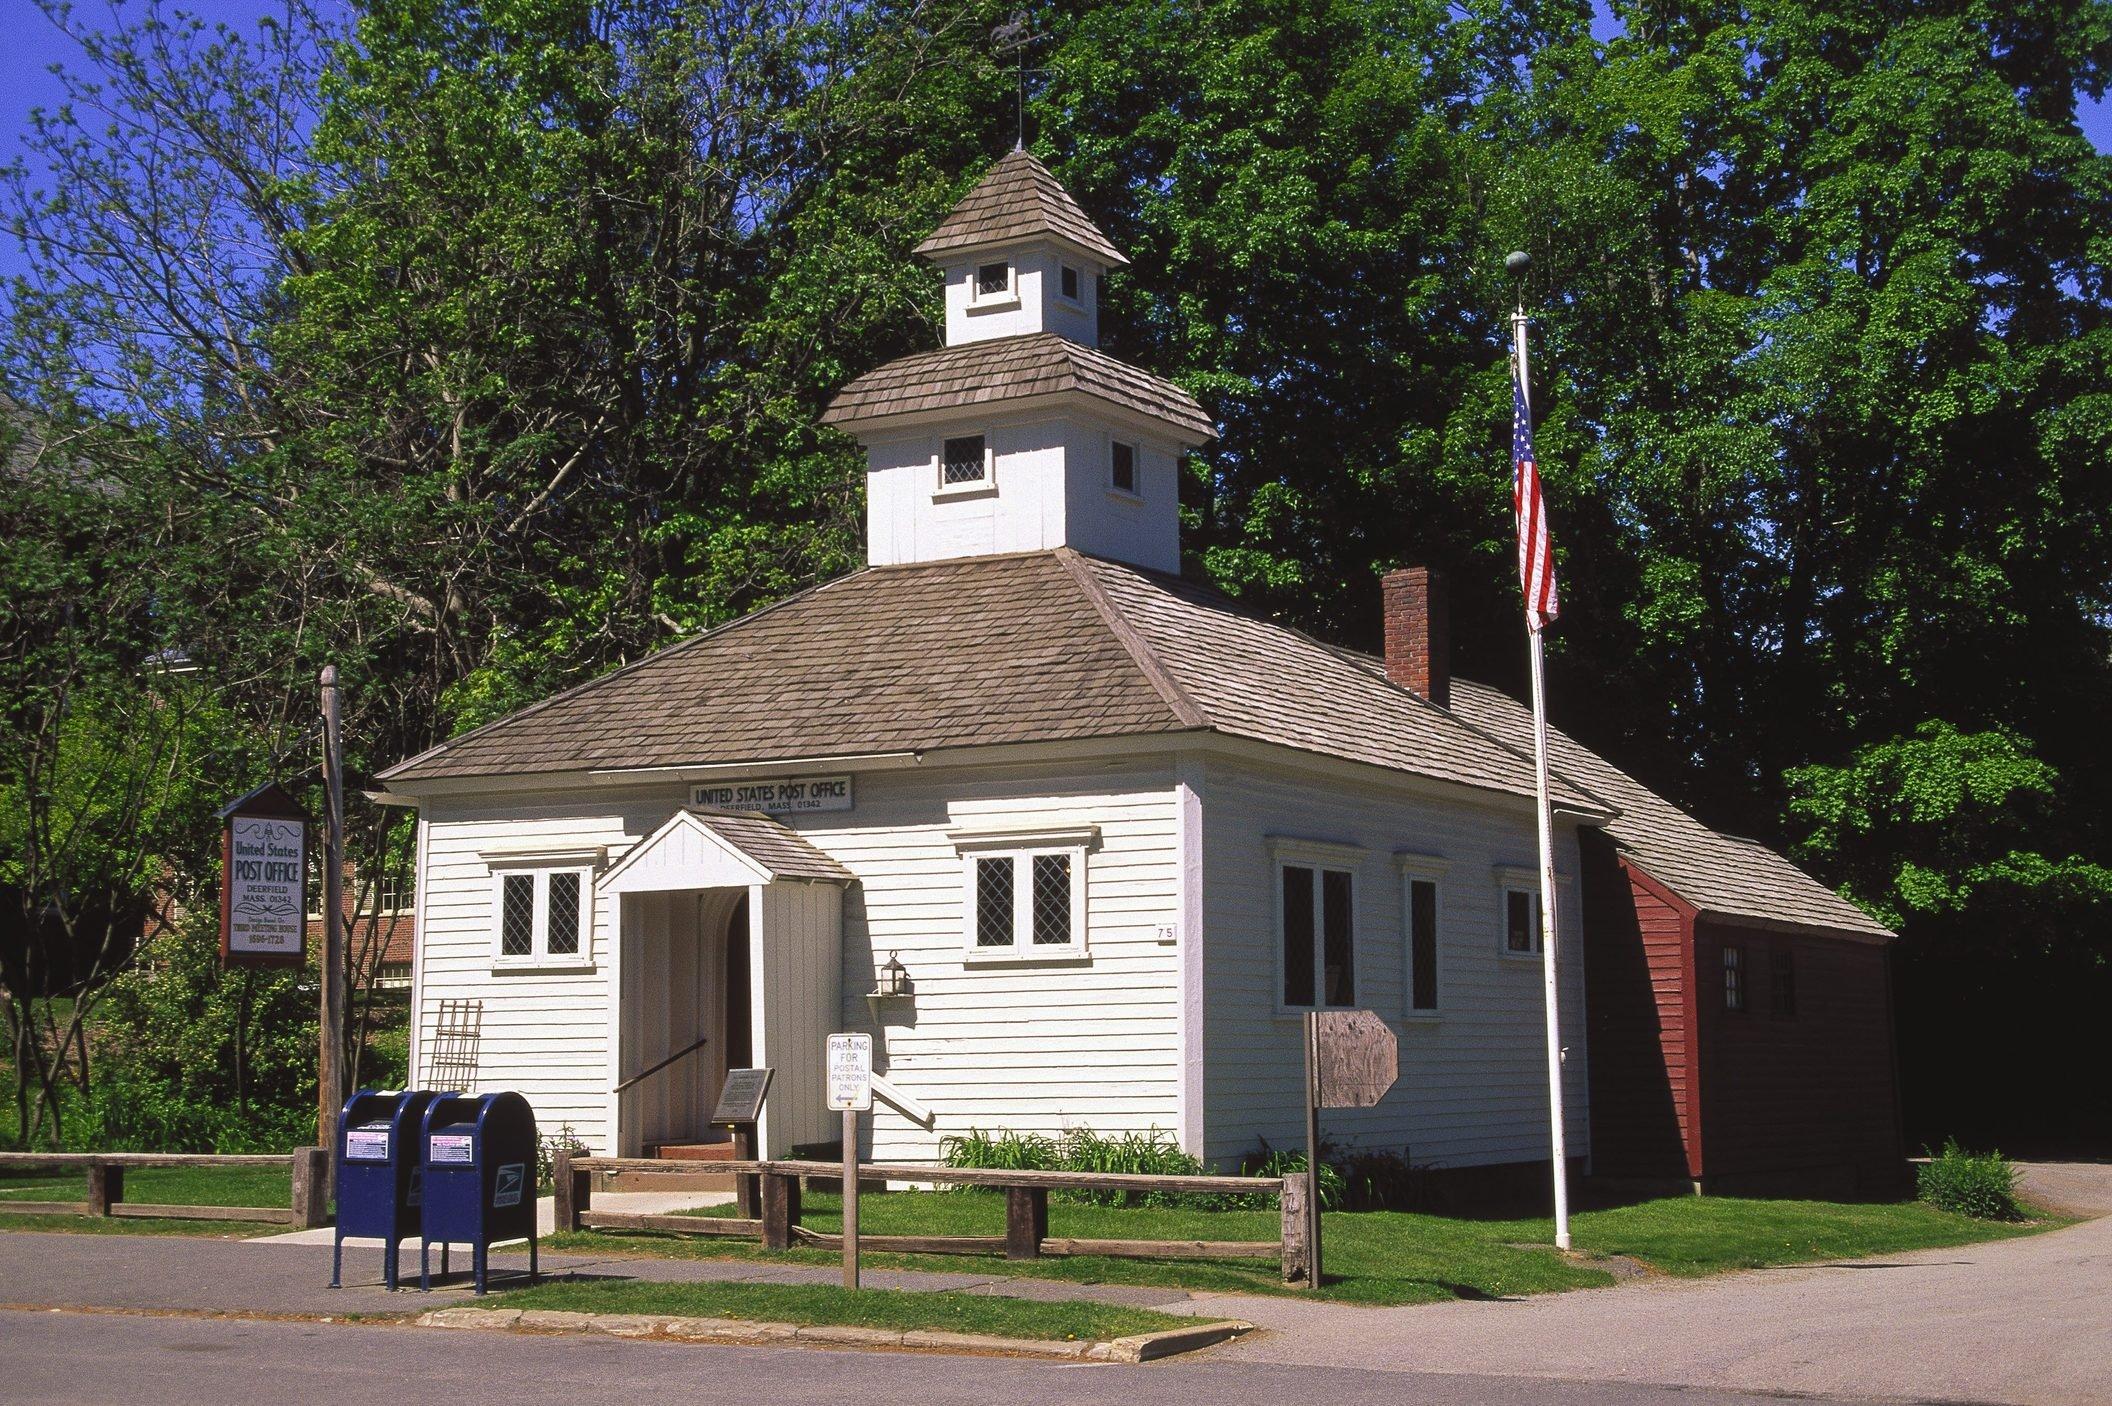 US Post Office, Historic Deerfield, MA